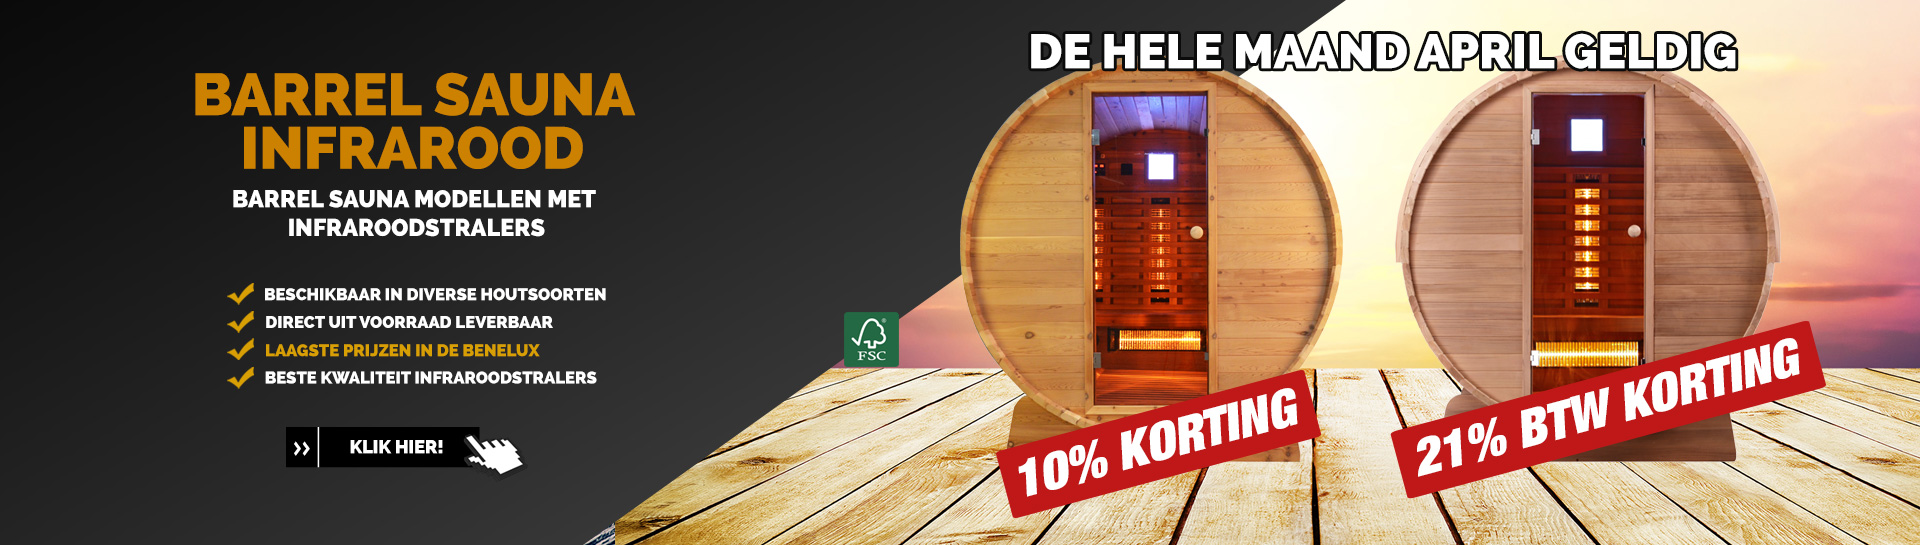 Barrel sauna infrarood April actie